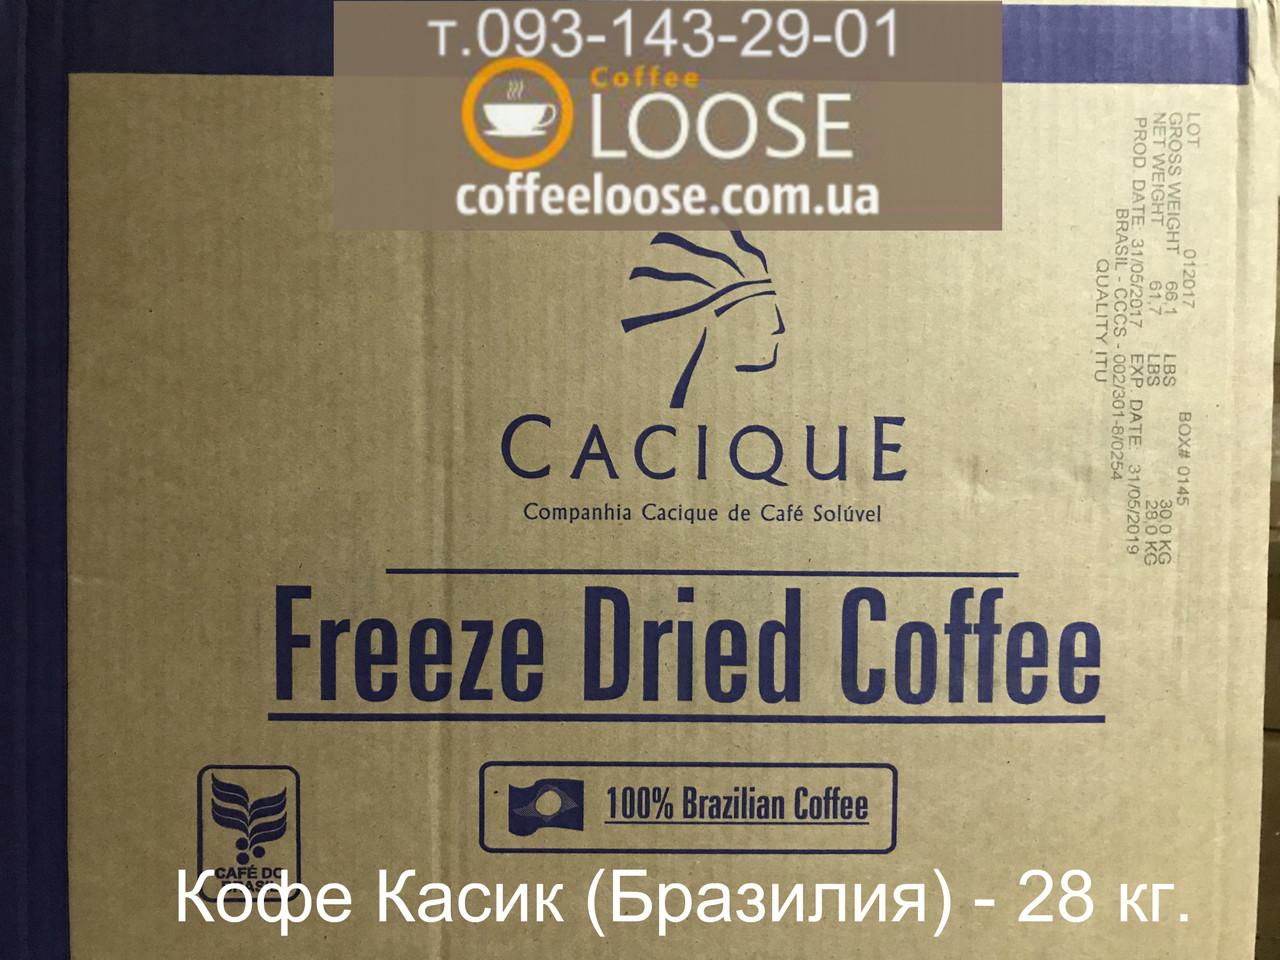 Кофе растворимый Касик Cacique, кофе сублимированный Касик Cacique вес 28 кг в ящике